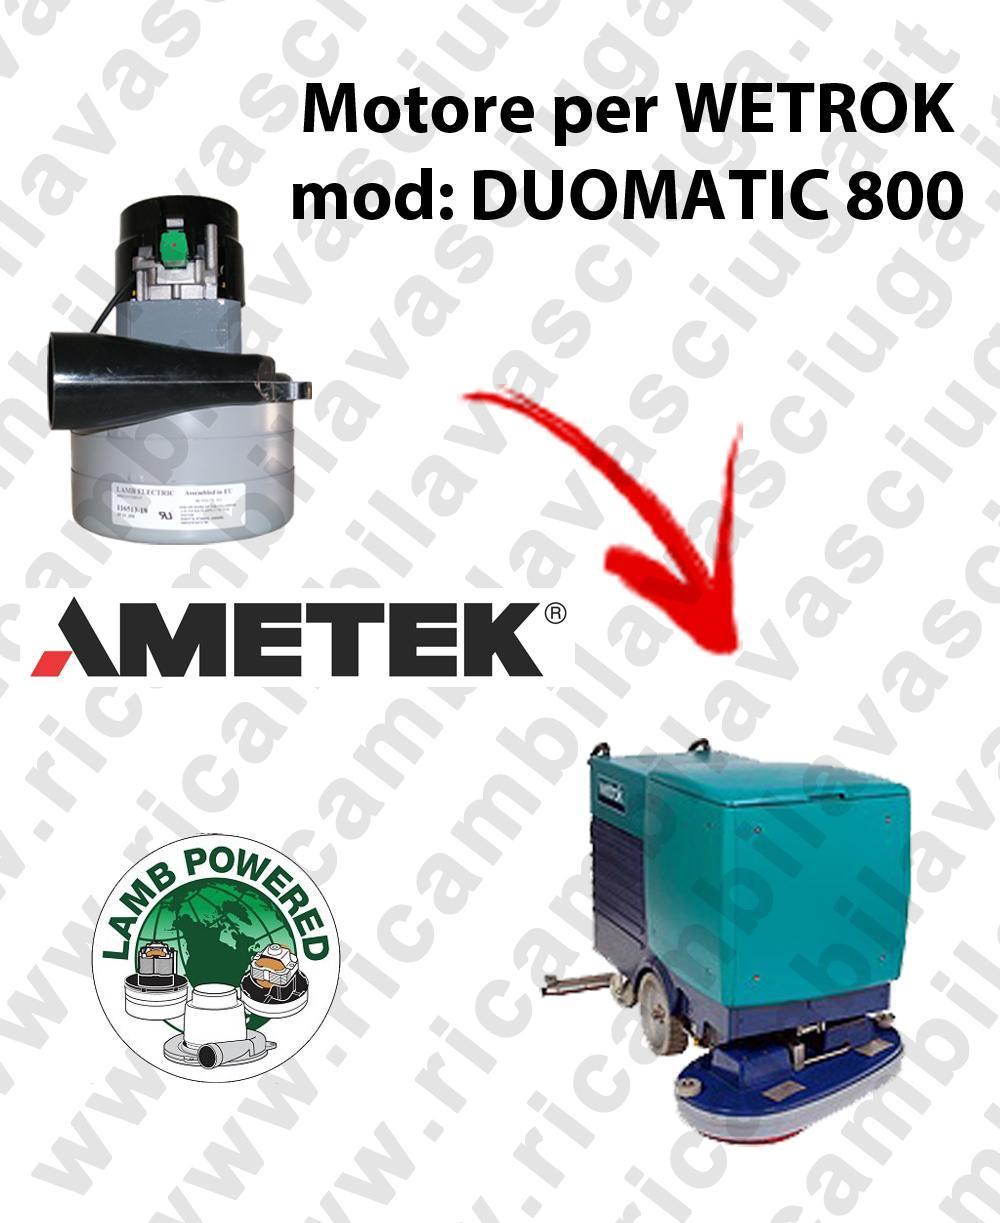 DUOMATIC 800 Motore de aspiración LAMB AMETEK para fregadora WETROK